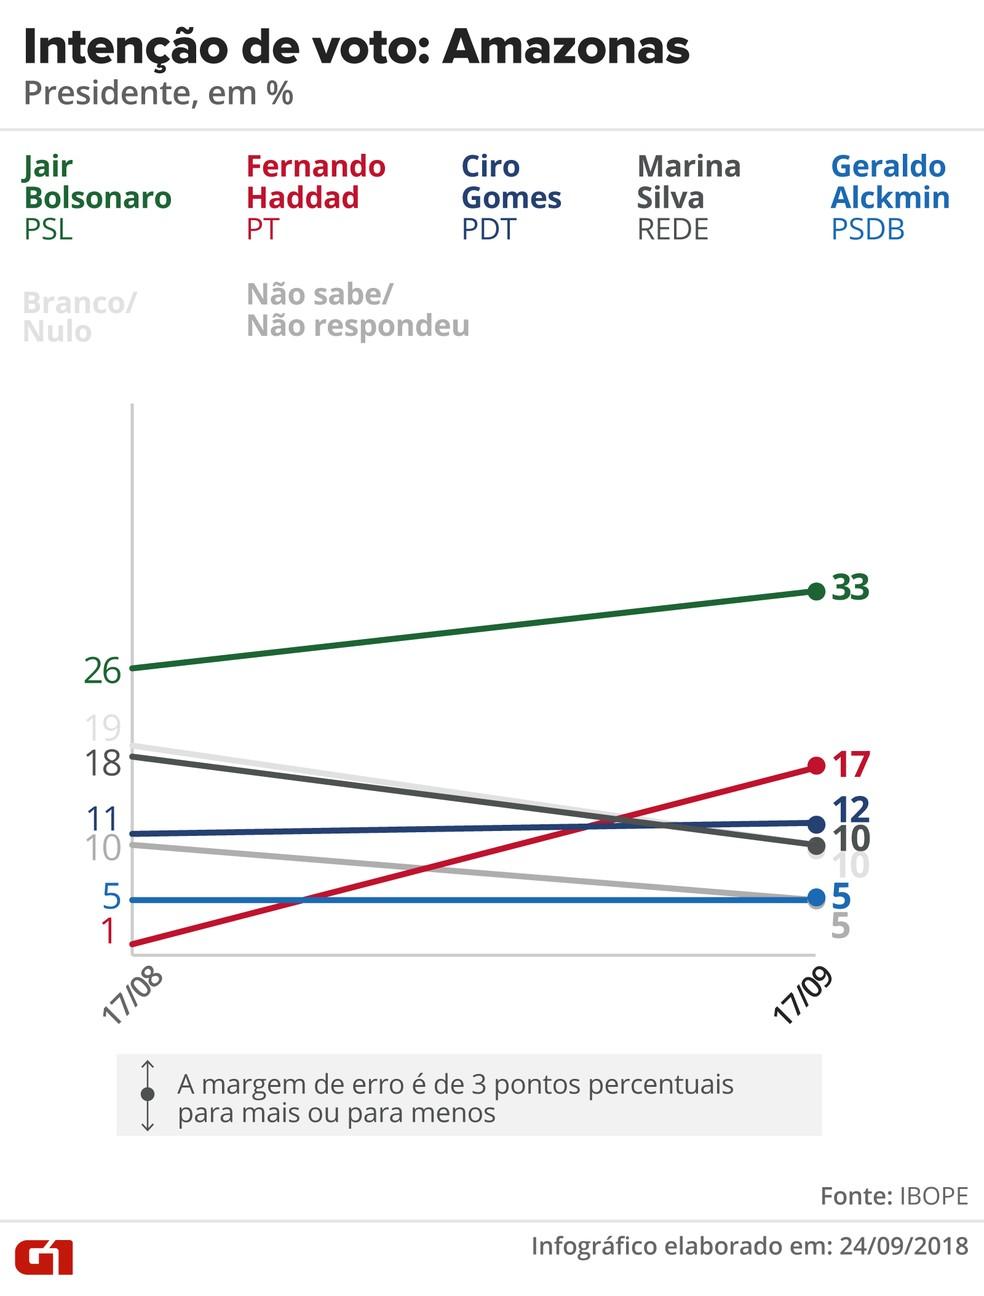 Pesquisa Ibope - evolução da intenção voto para presidente no Amazonas. — Foto: Arte/G1